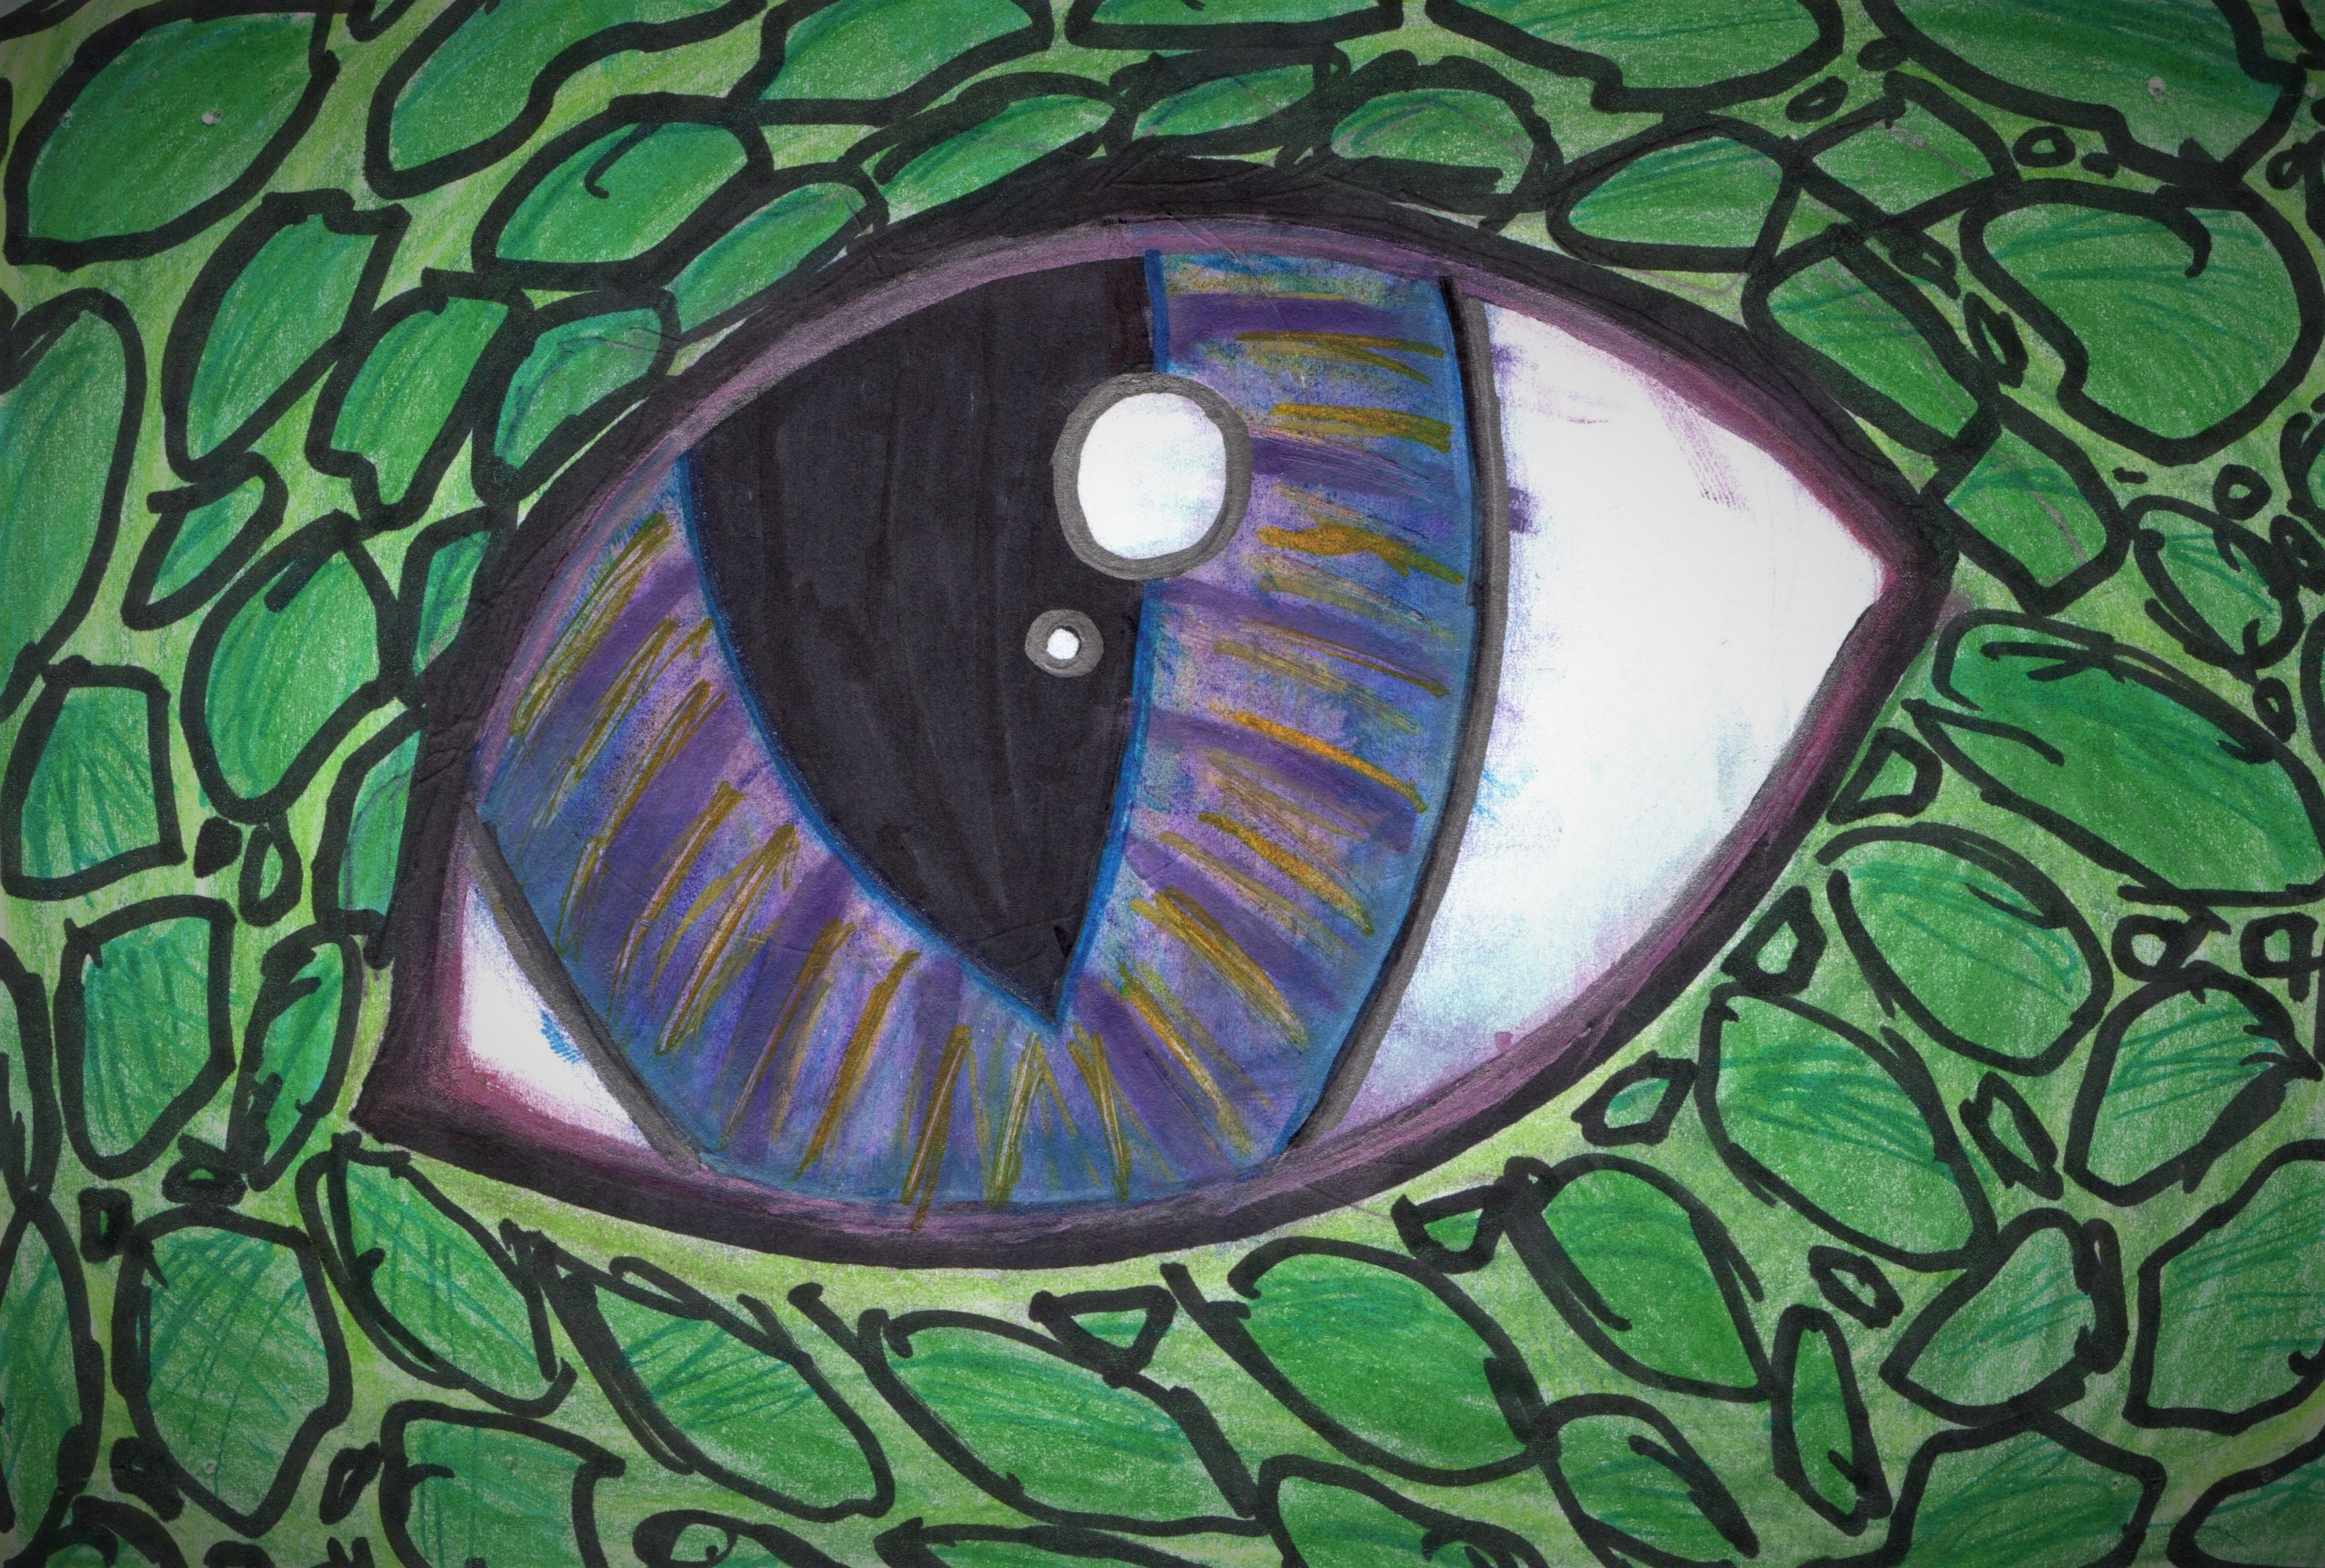 Dragon Eye by GwillaTheDragon